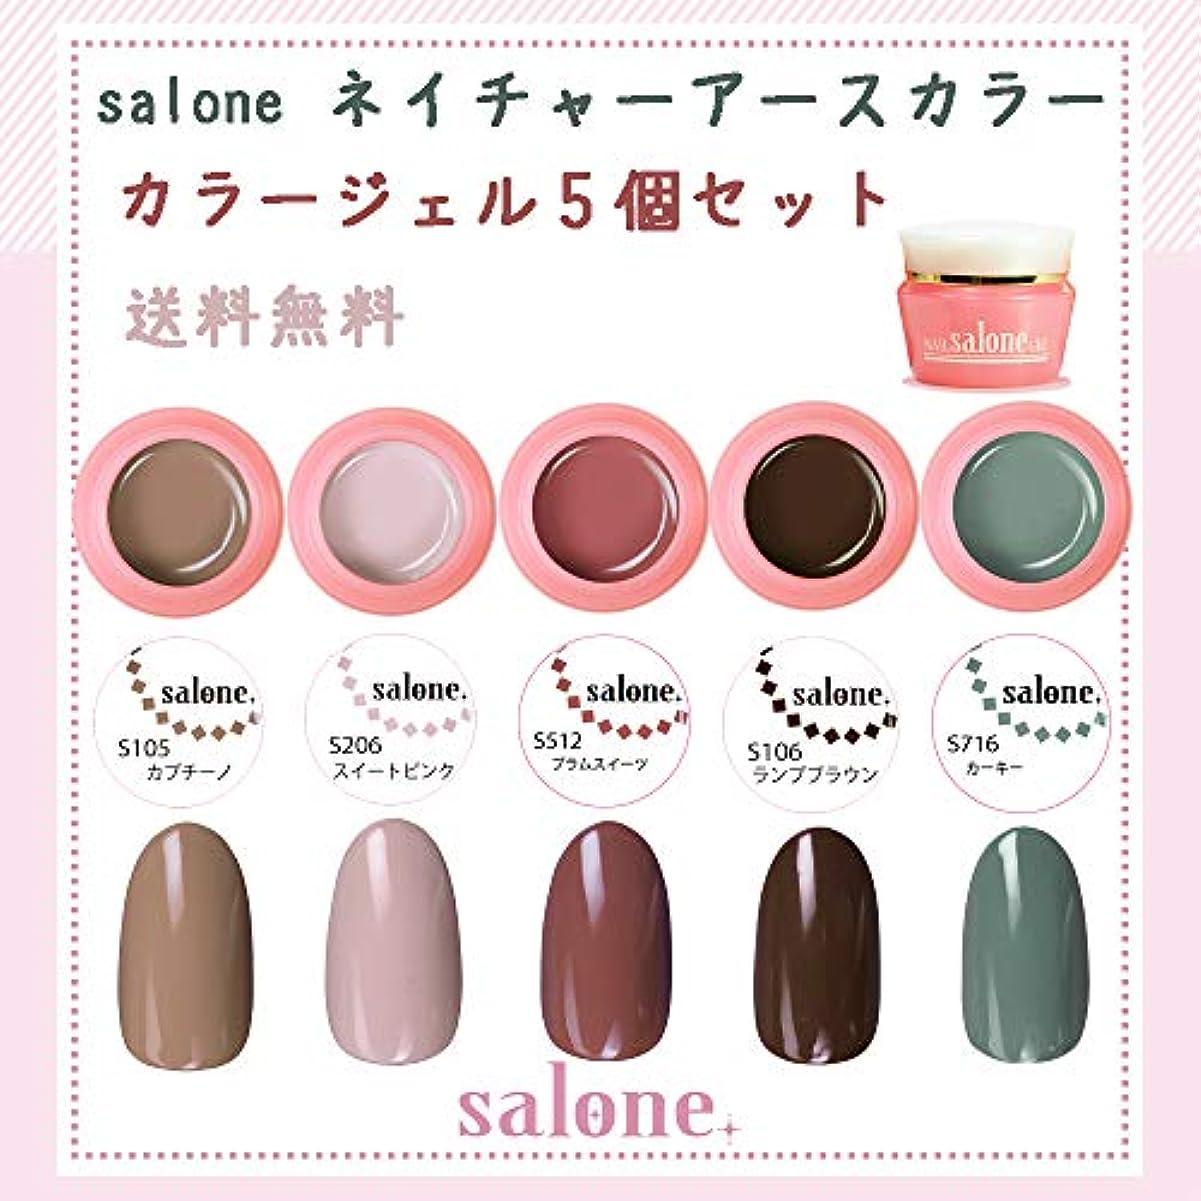 従事するテキストシール【送料無料 日本製】Salone ネイチャーアースカラー カラージェル5個セット ボタニカルでネイチャーなカラーをチョイスしました。